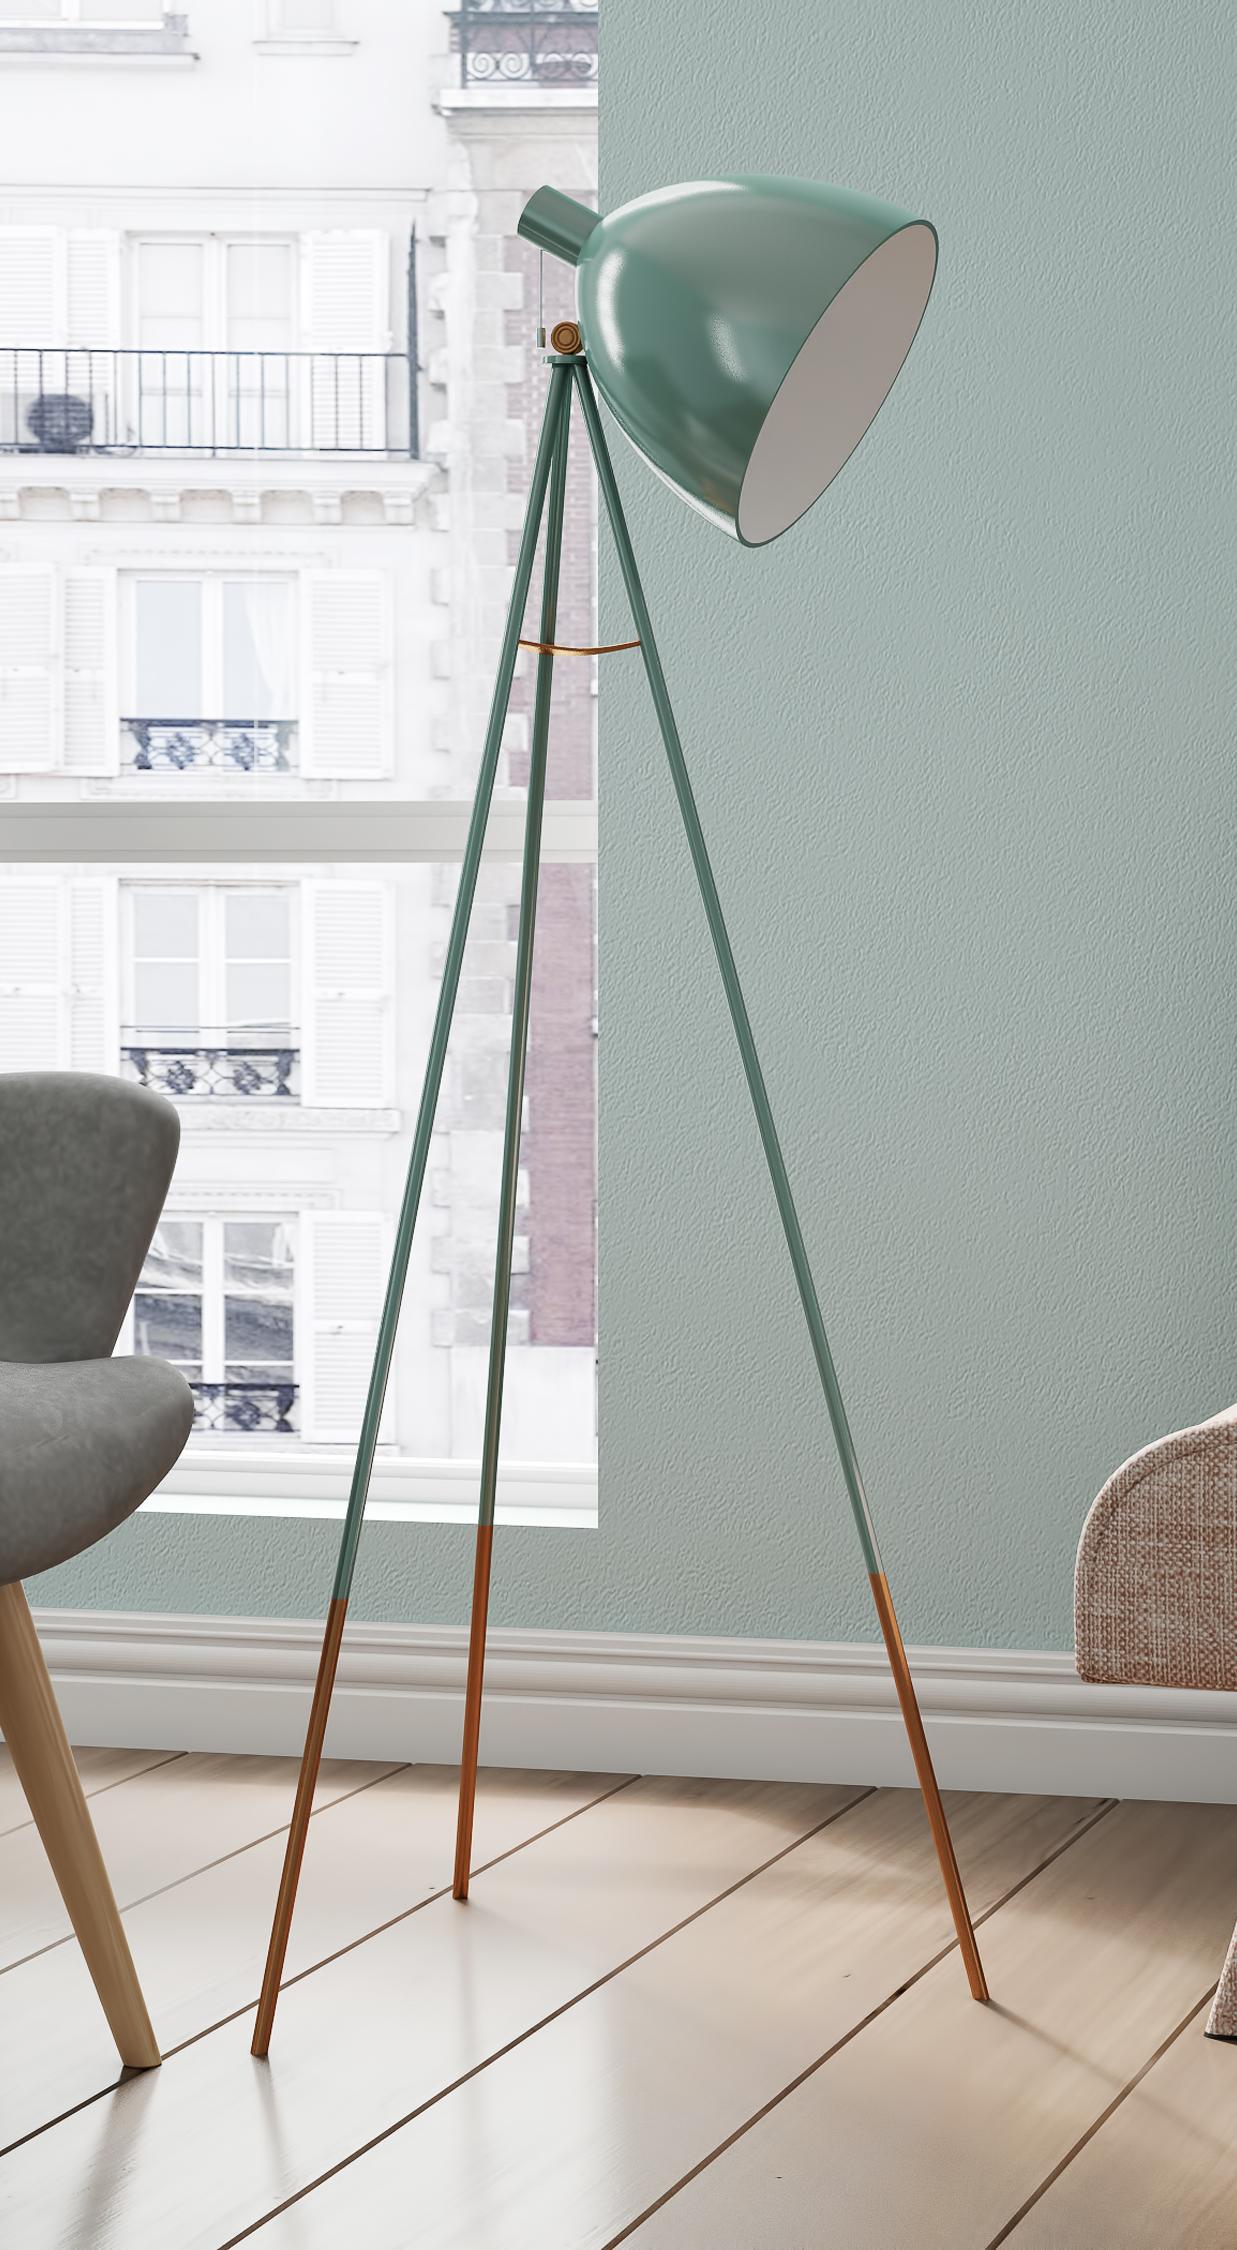 stehleuchte mit einer industriellen note deko lampen liebe pinterest hochwertige m bel. Black Bedroom Furniture Sets. Home Design Ideas